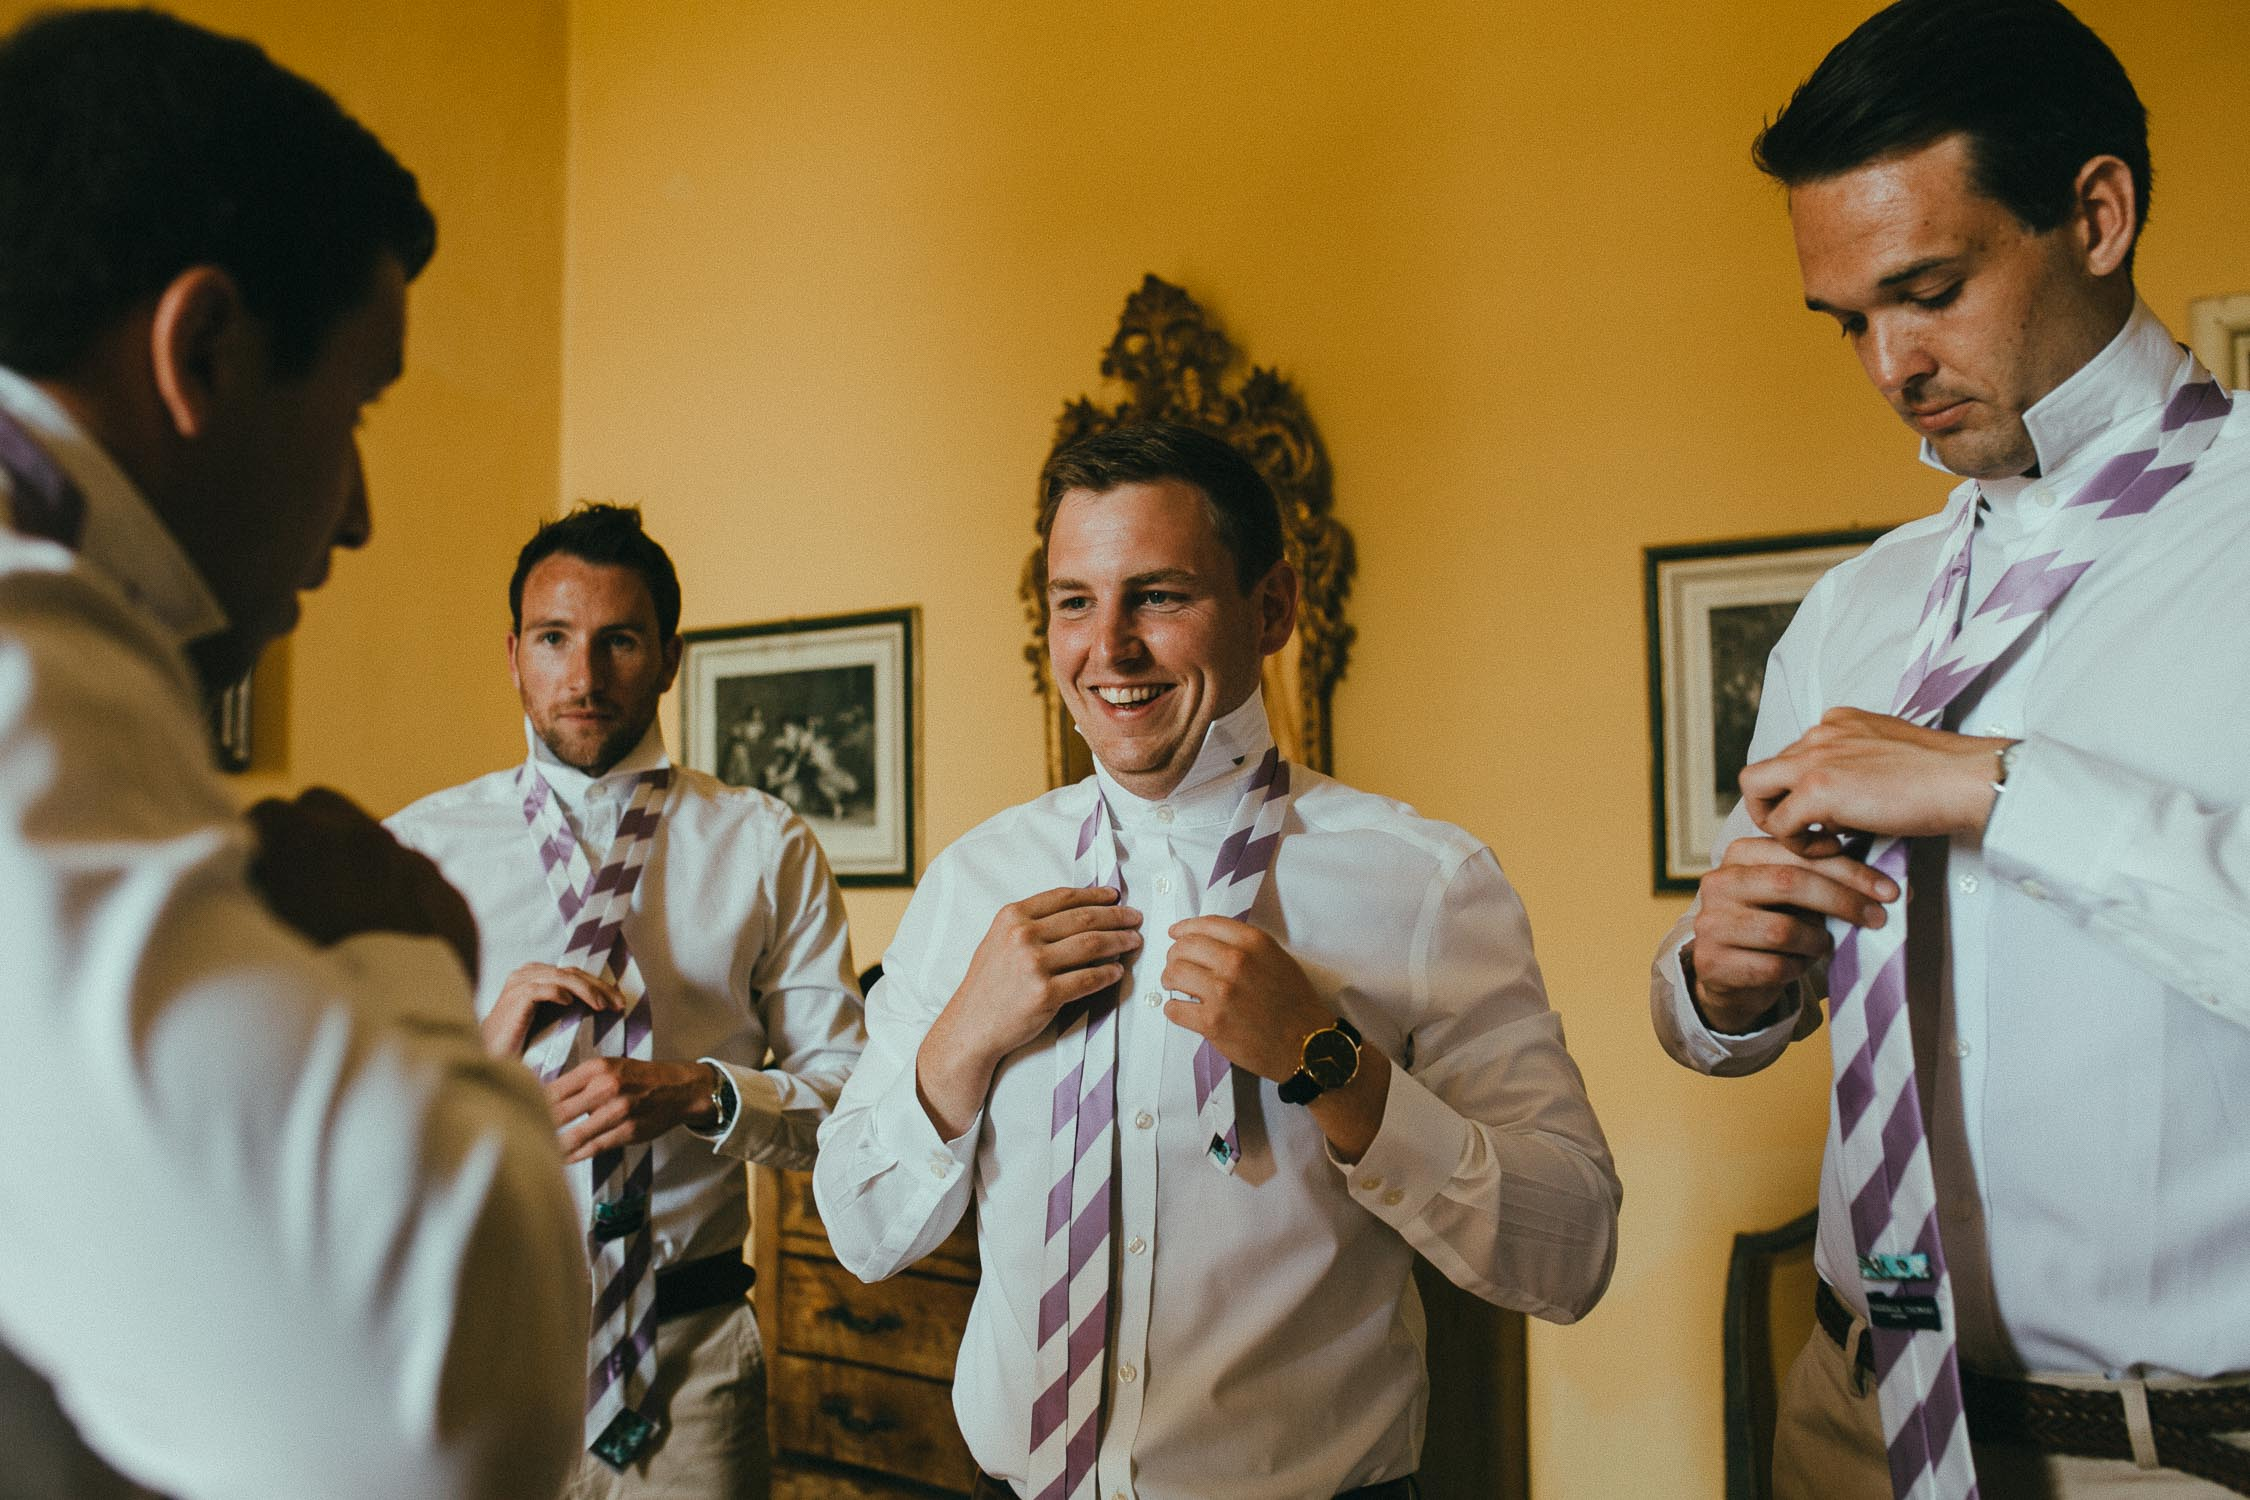 destiantion-wedding-in-tuscany-getting-ready (19).jpg